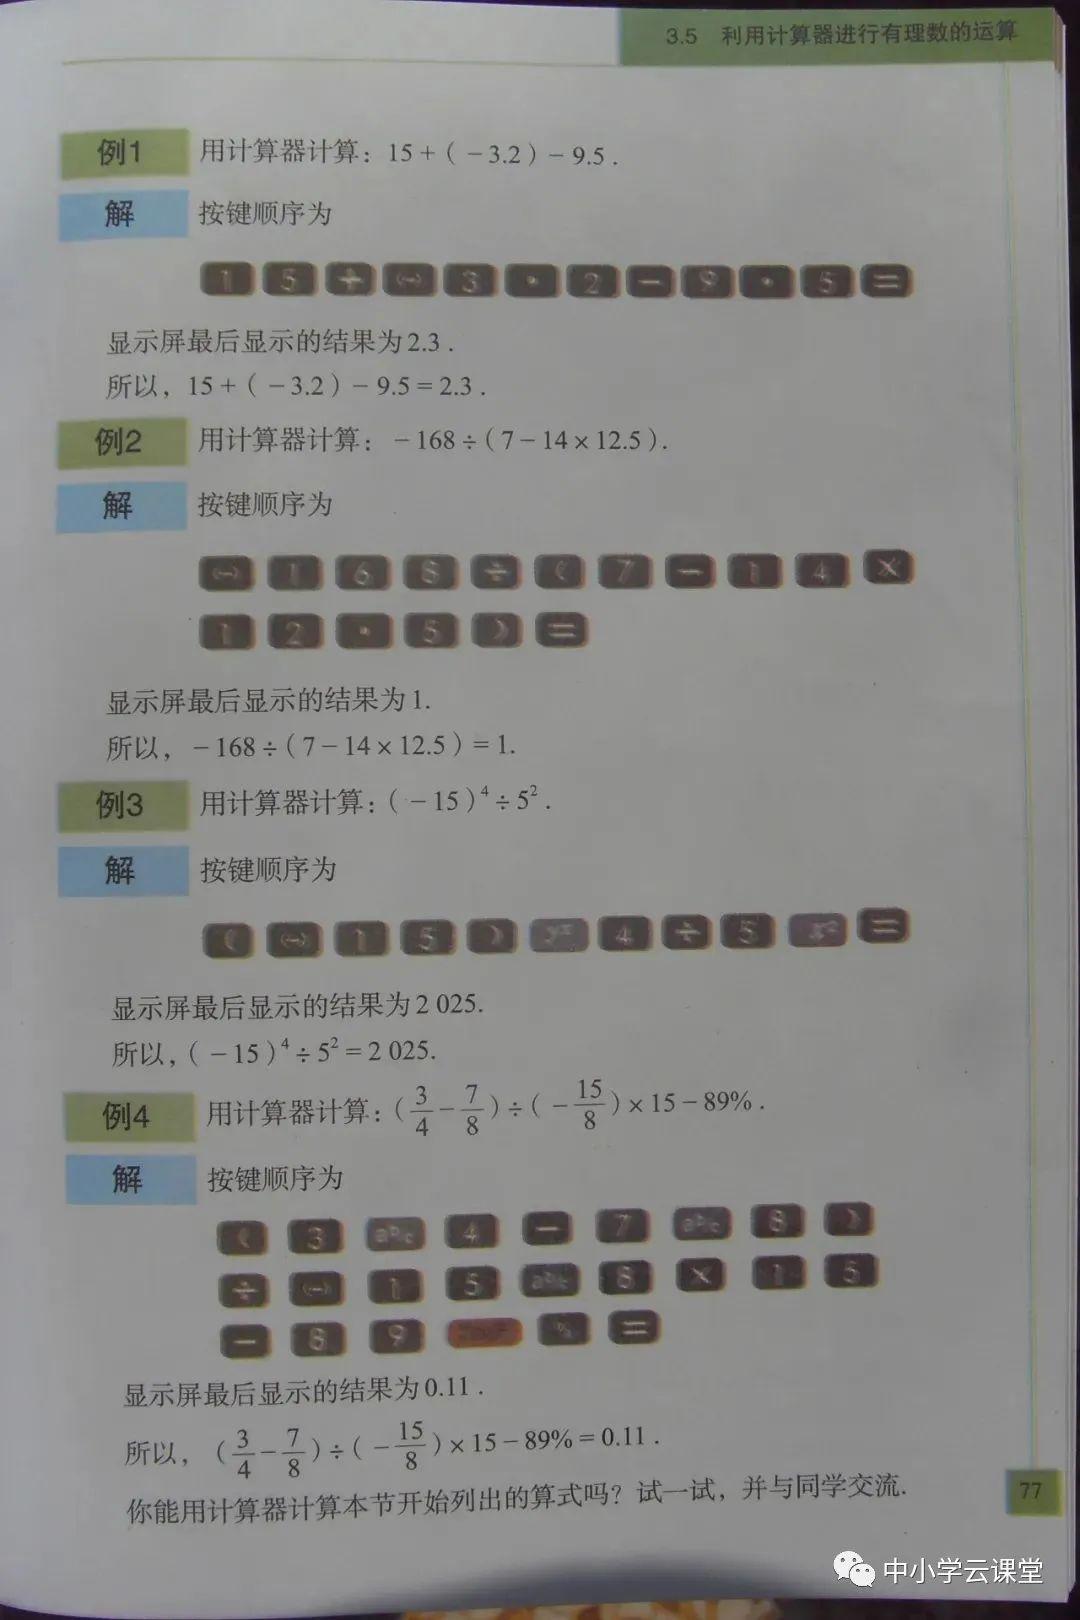 2e8e3f1aa456cfdb0f0fc77d77c413ad.png